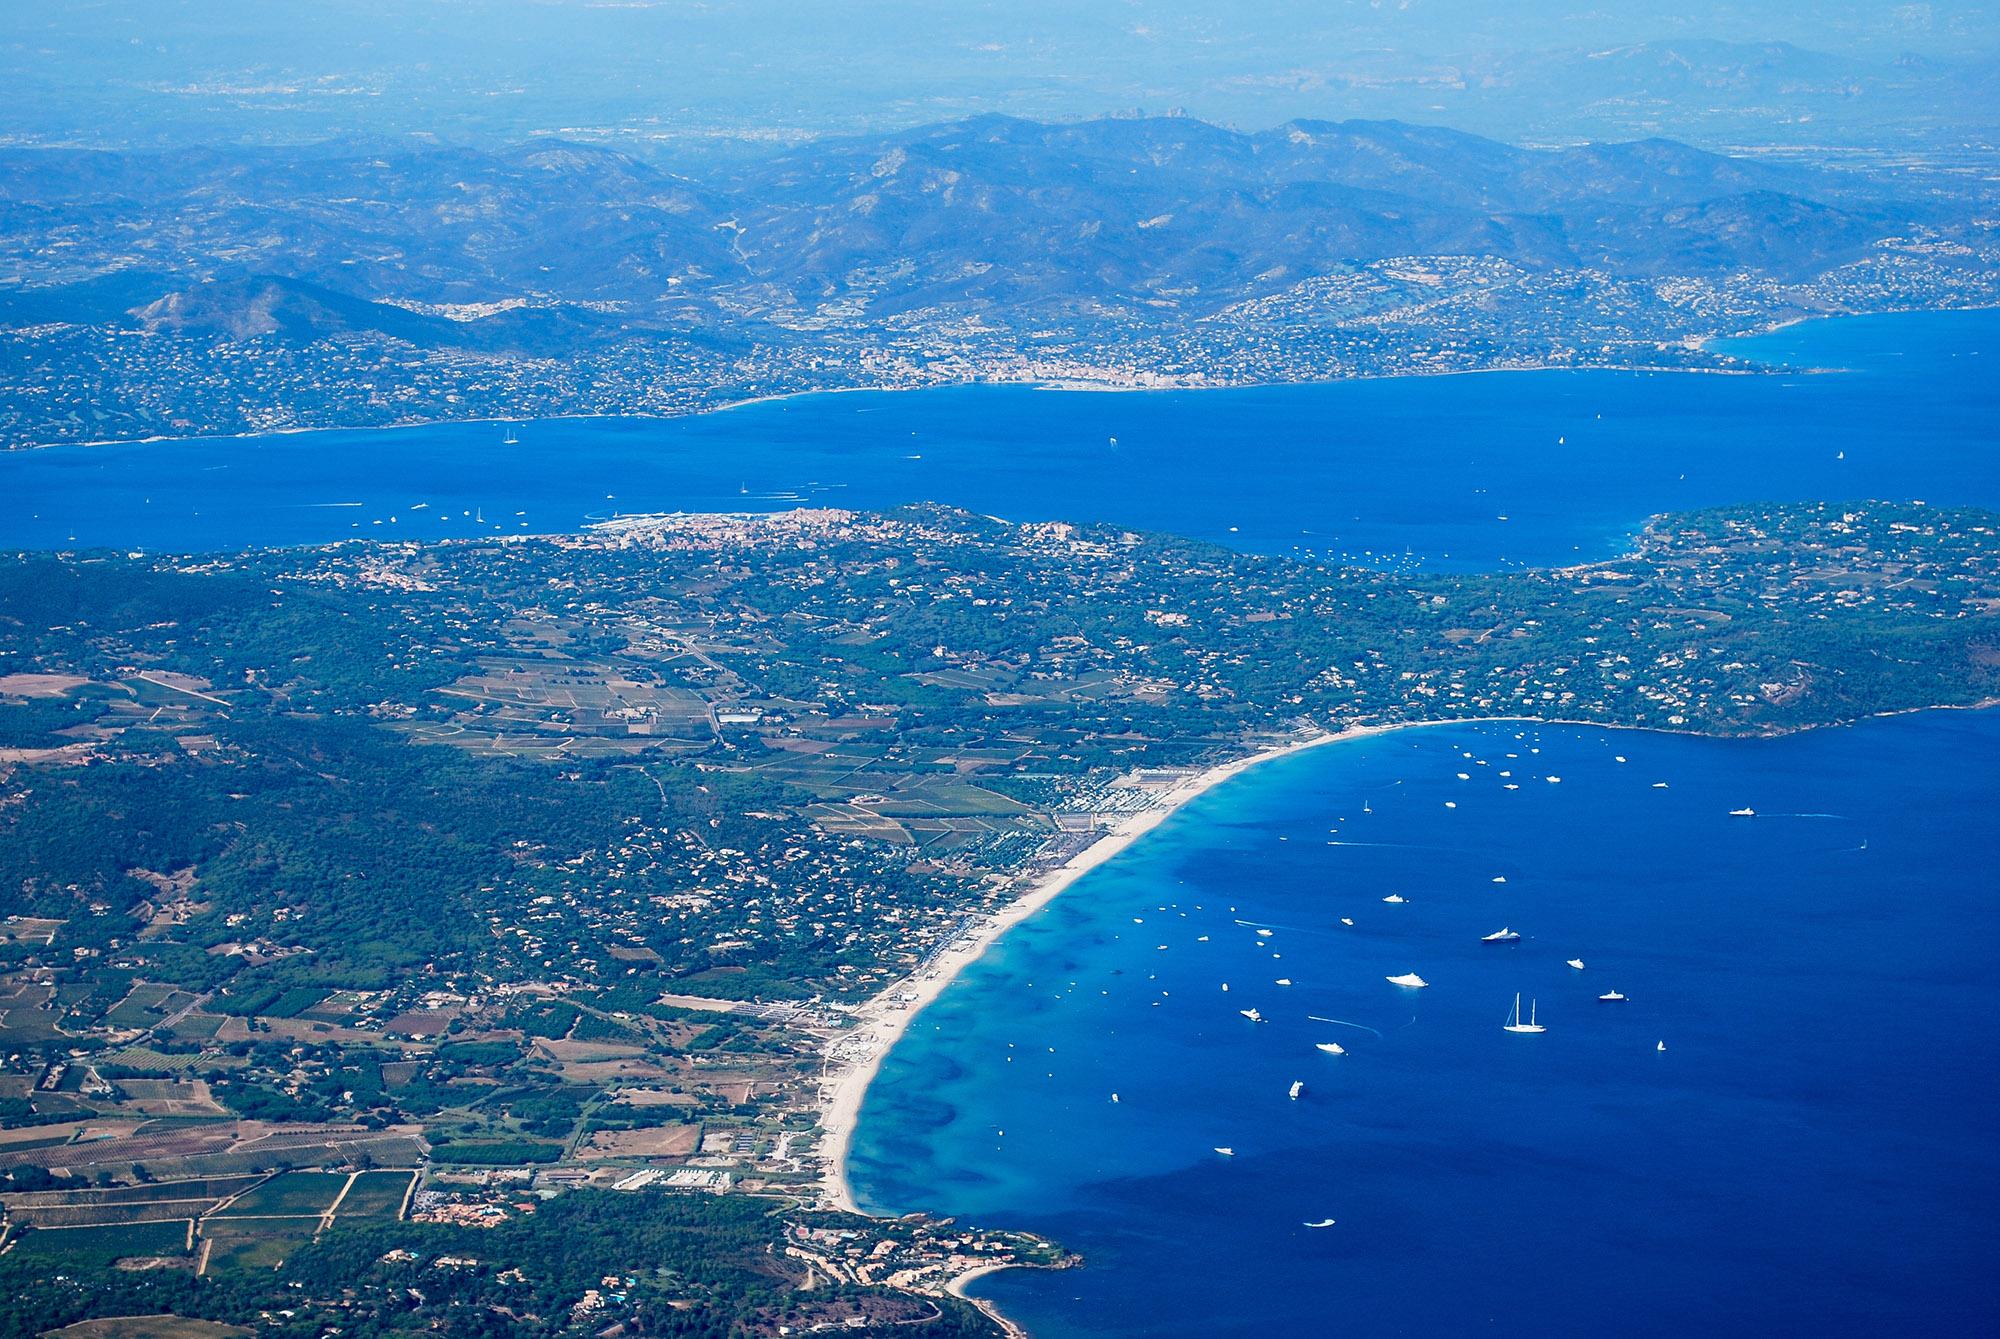 Vue panoramique de la baie de Pampelonne à Ramatuelle, Golfe de St Tropez